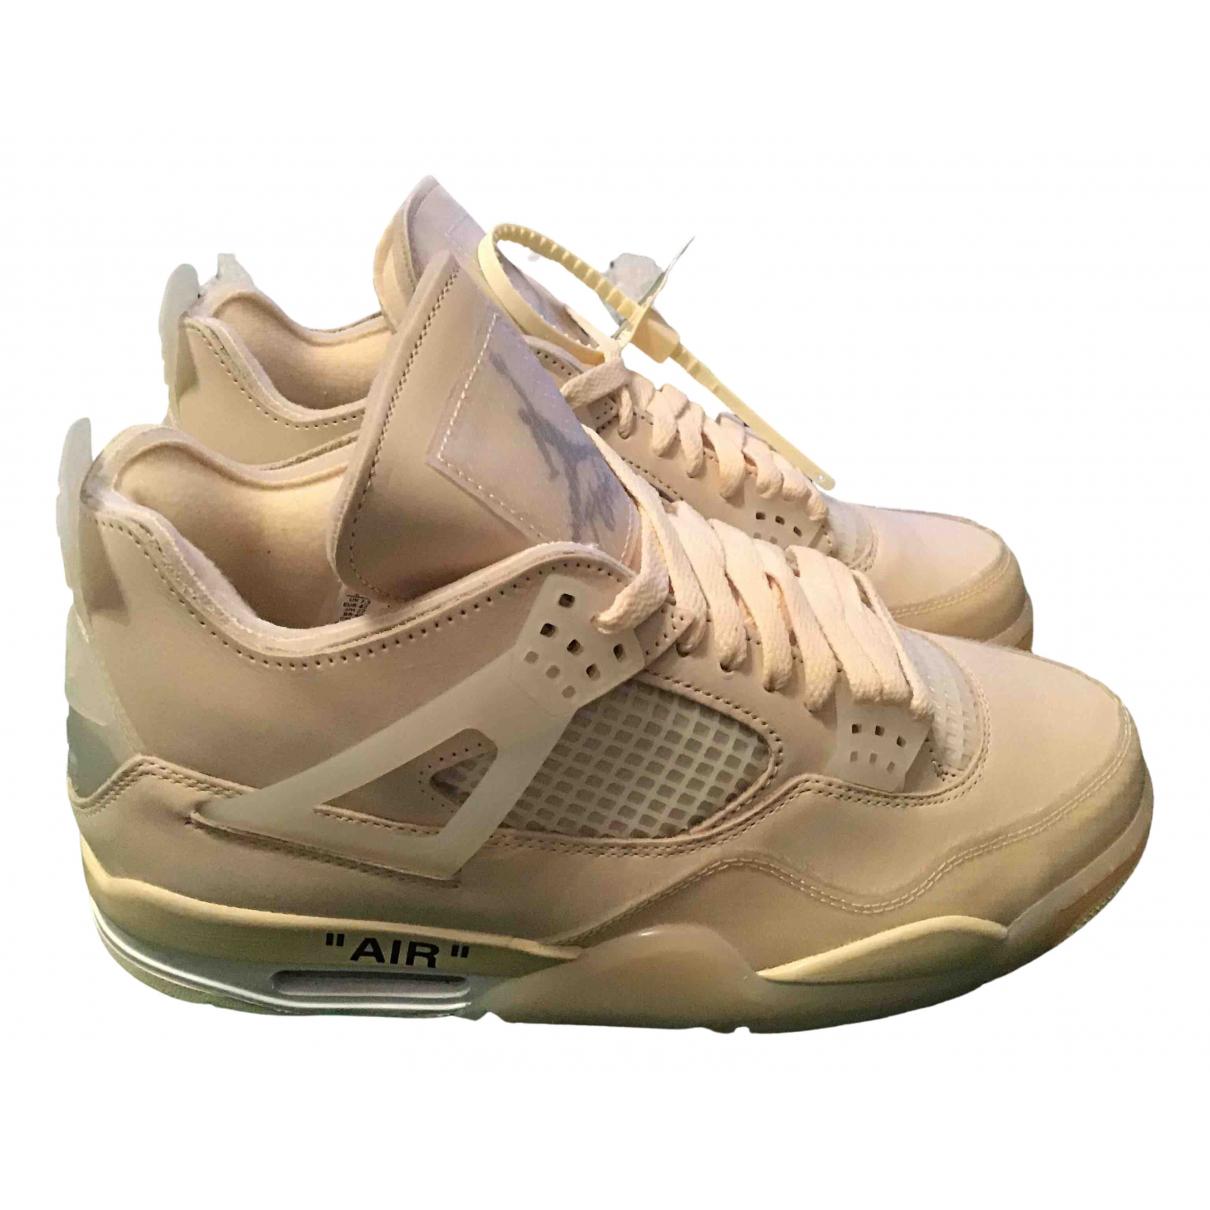 Nike X Off-white Air Jordan 4 Sneakers Beige